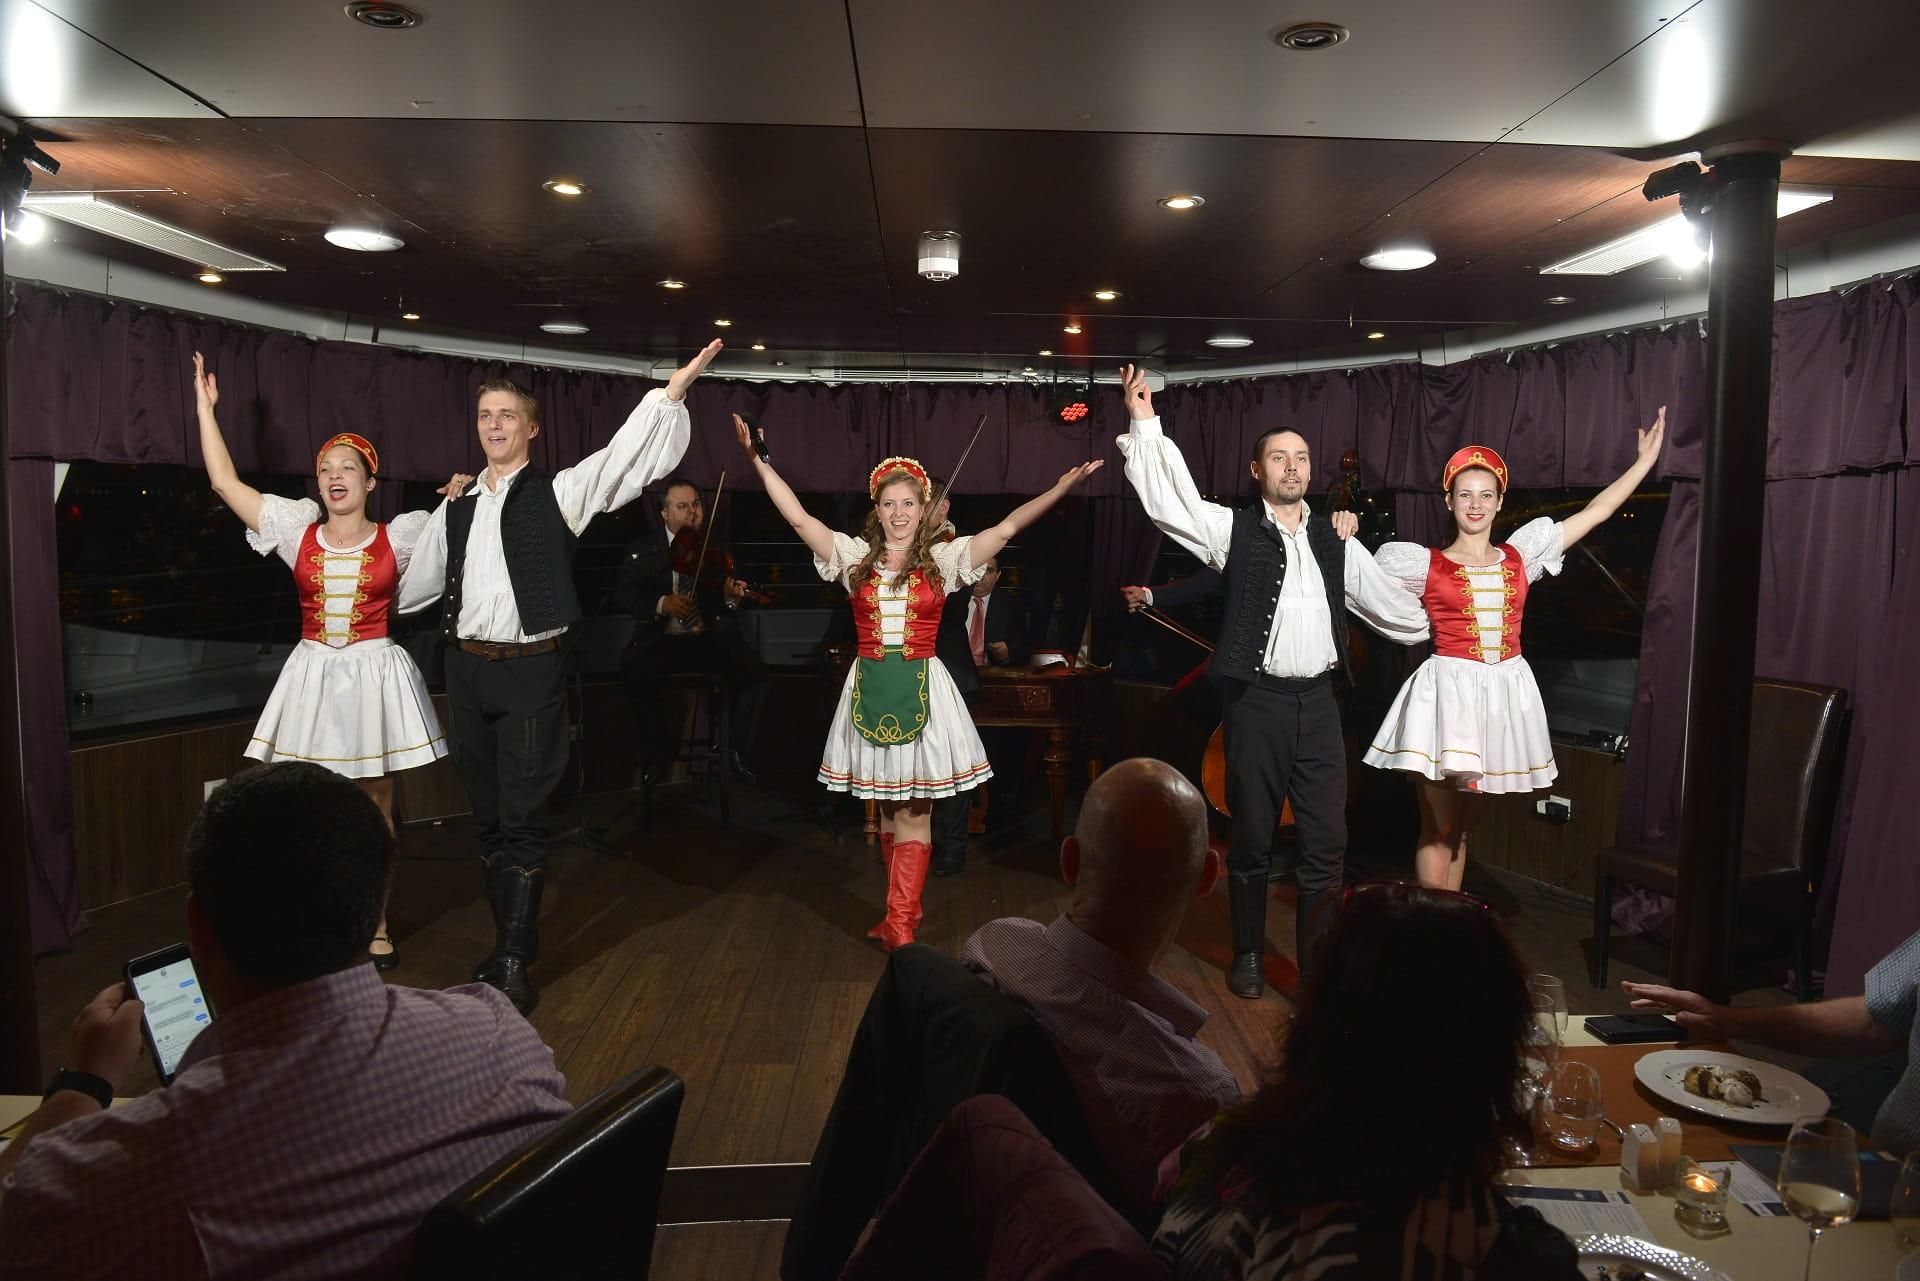 danse folklorique hongroise